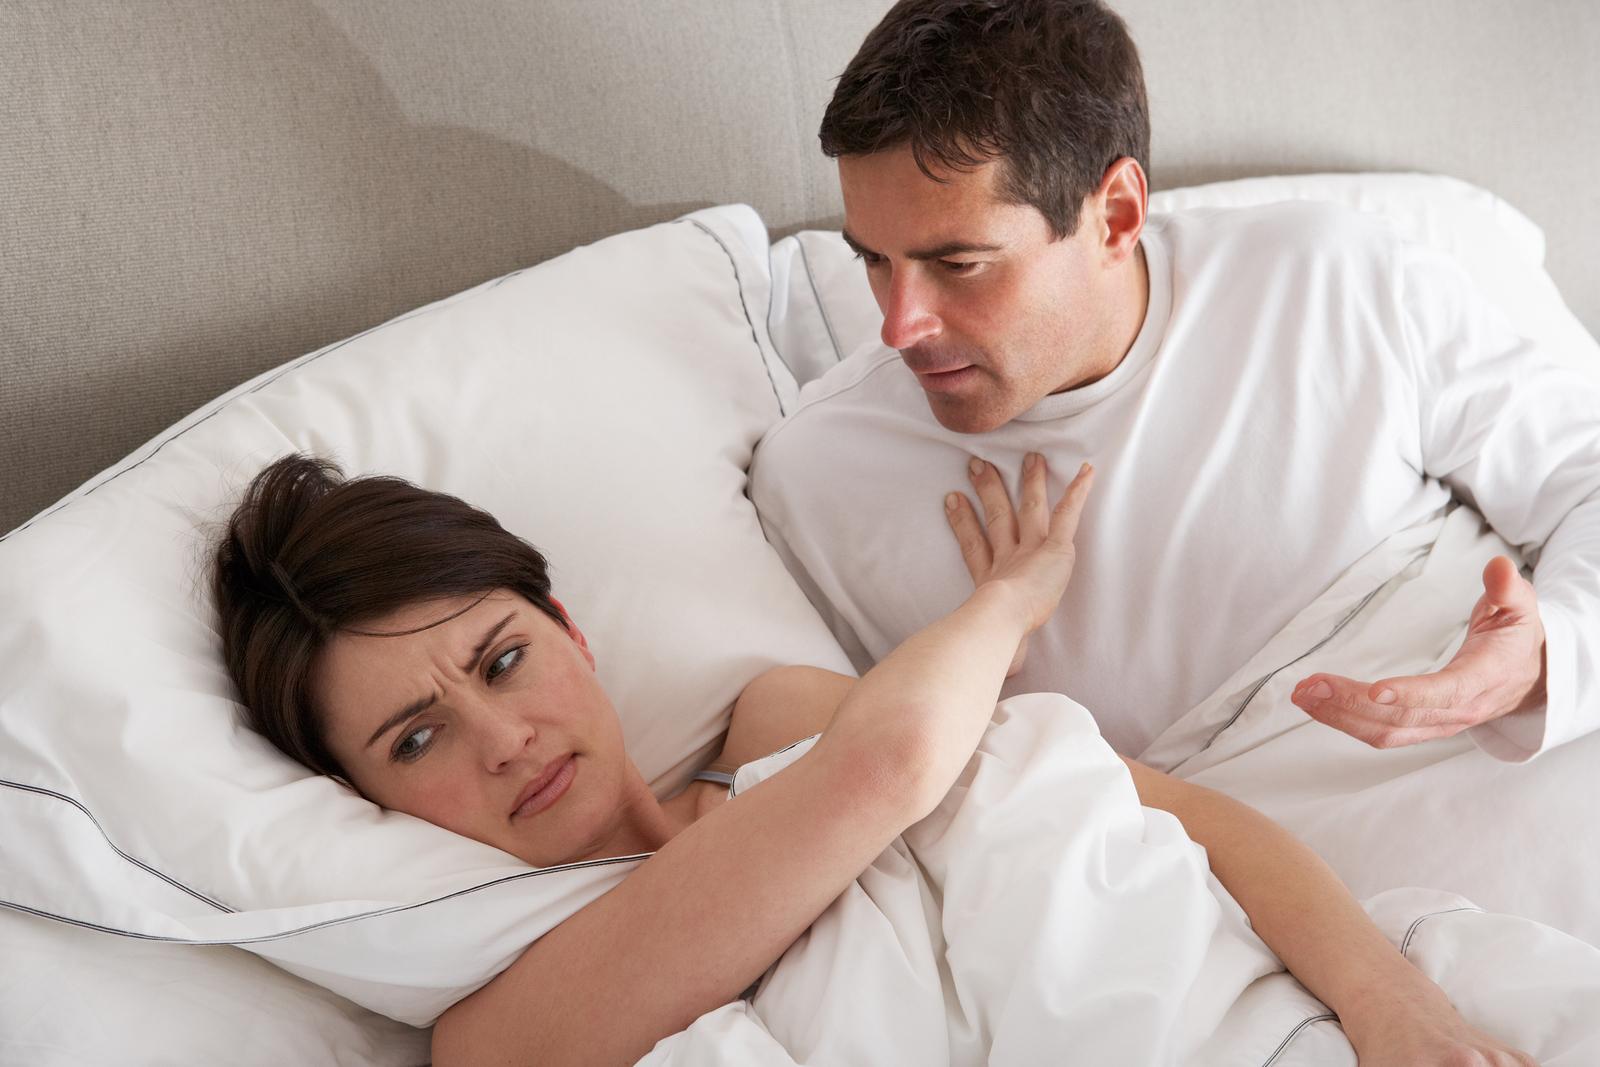 6306bb3ac قد يكون الشعور بالألم عند ممارسة الجنس هو السبب الرئيسي في تجنب زوجتك  الدخول في أي علاقة جنسية معك؛ لذلك قبل بدء عملية الاتصال الجنسي عليك التأكد  من أنك ...